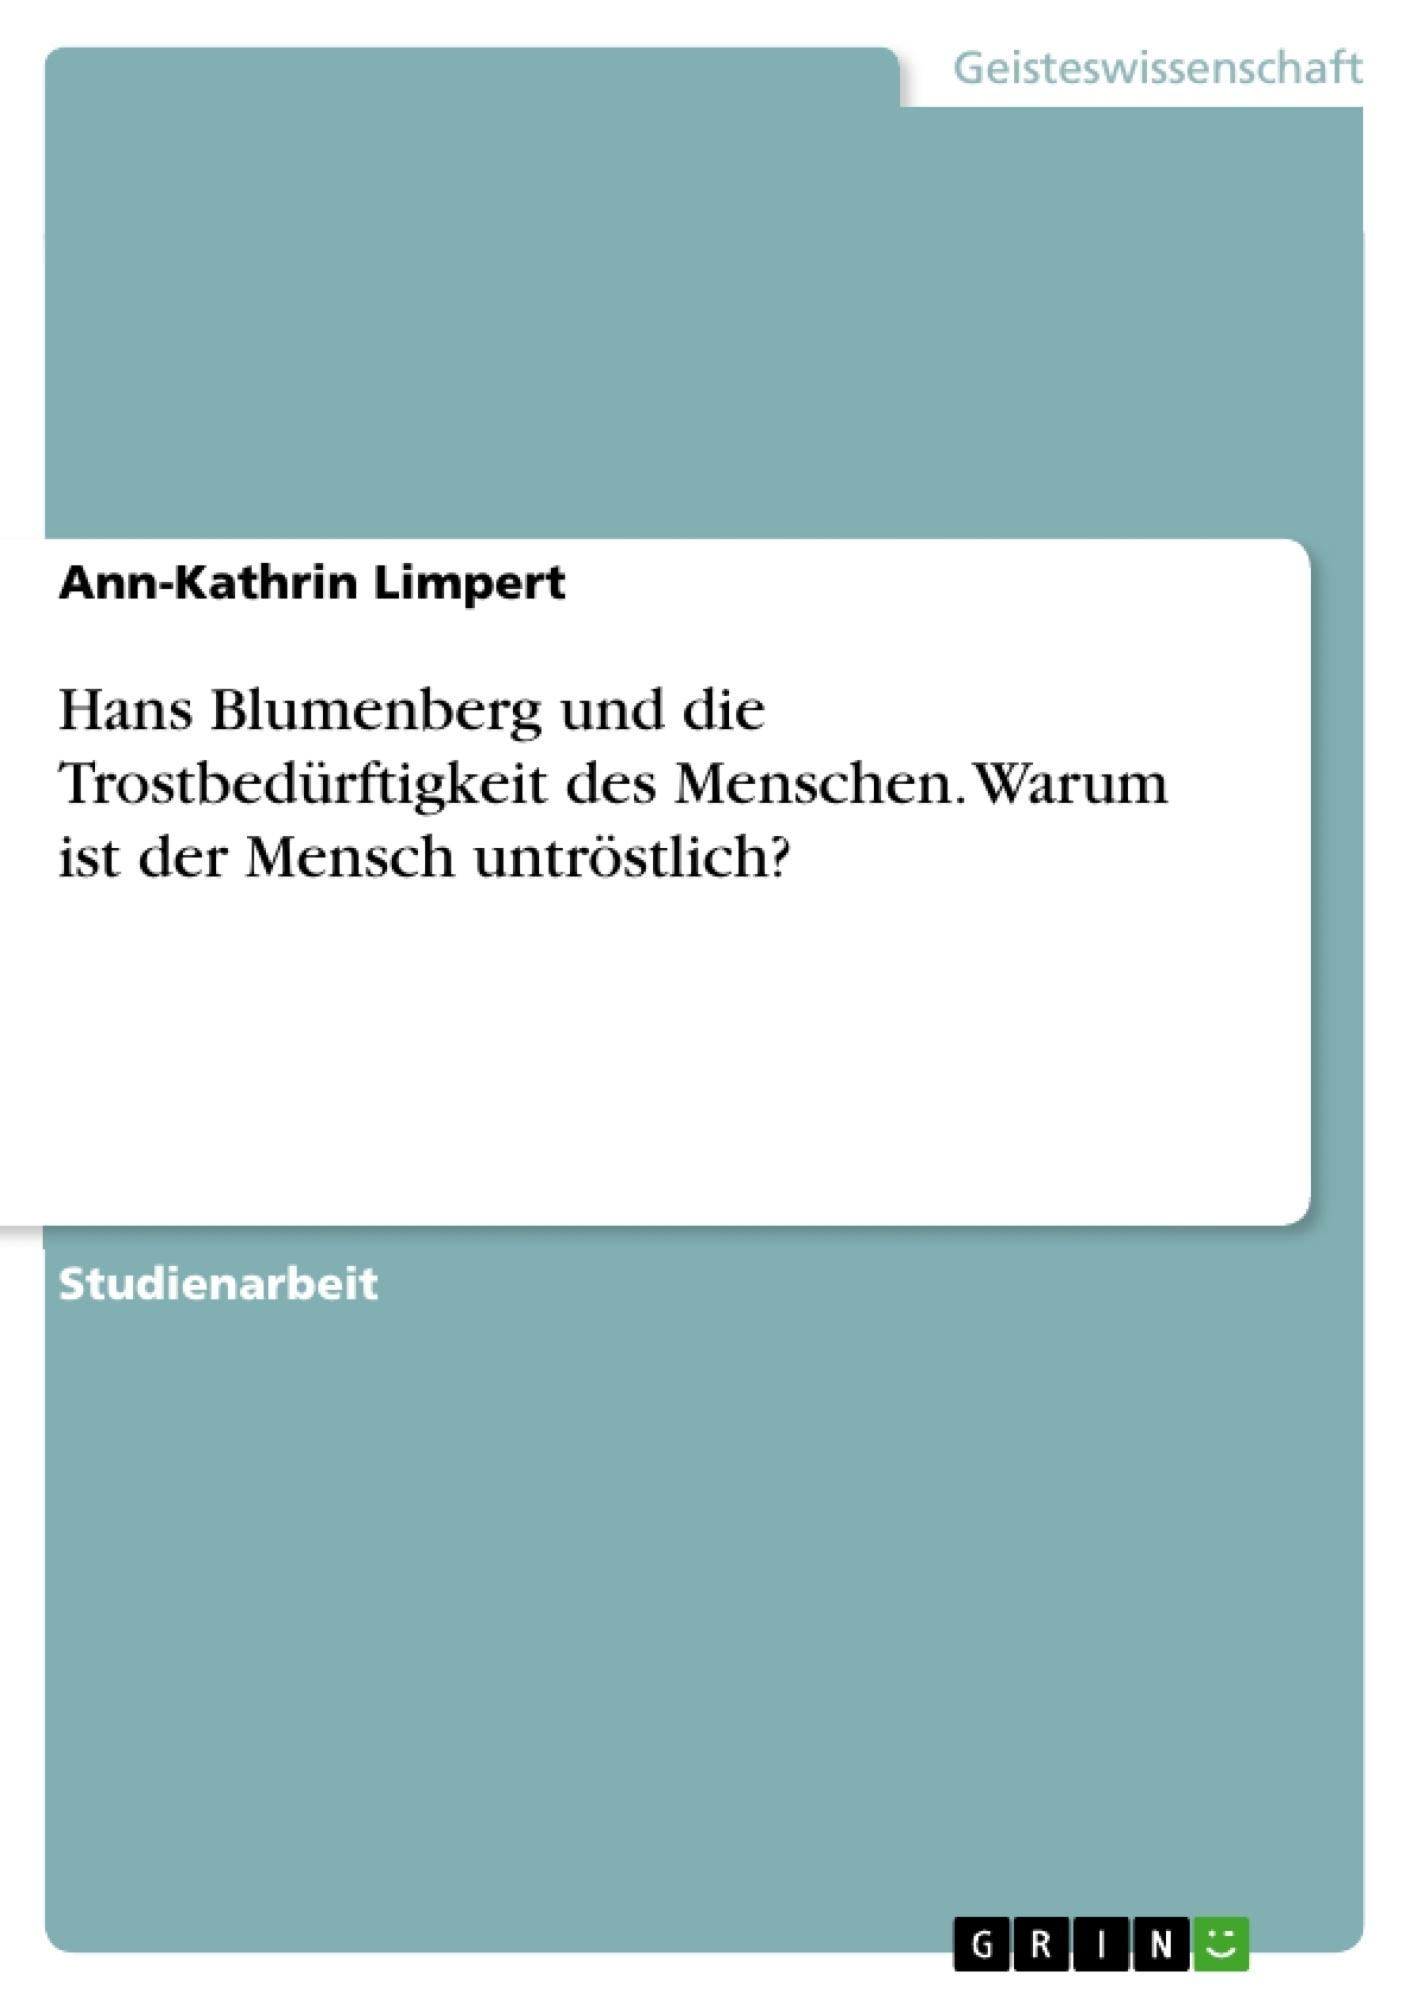 Titel: Hans Blumenberg und die Trostbedürftigkeit des Menschen. Warum ist der Mensch untröstlich?